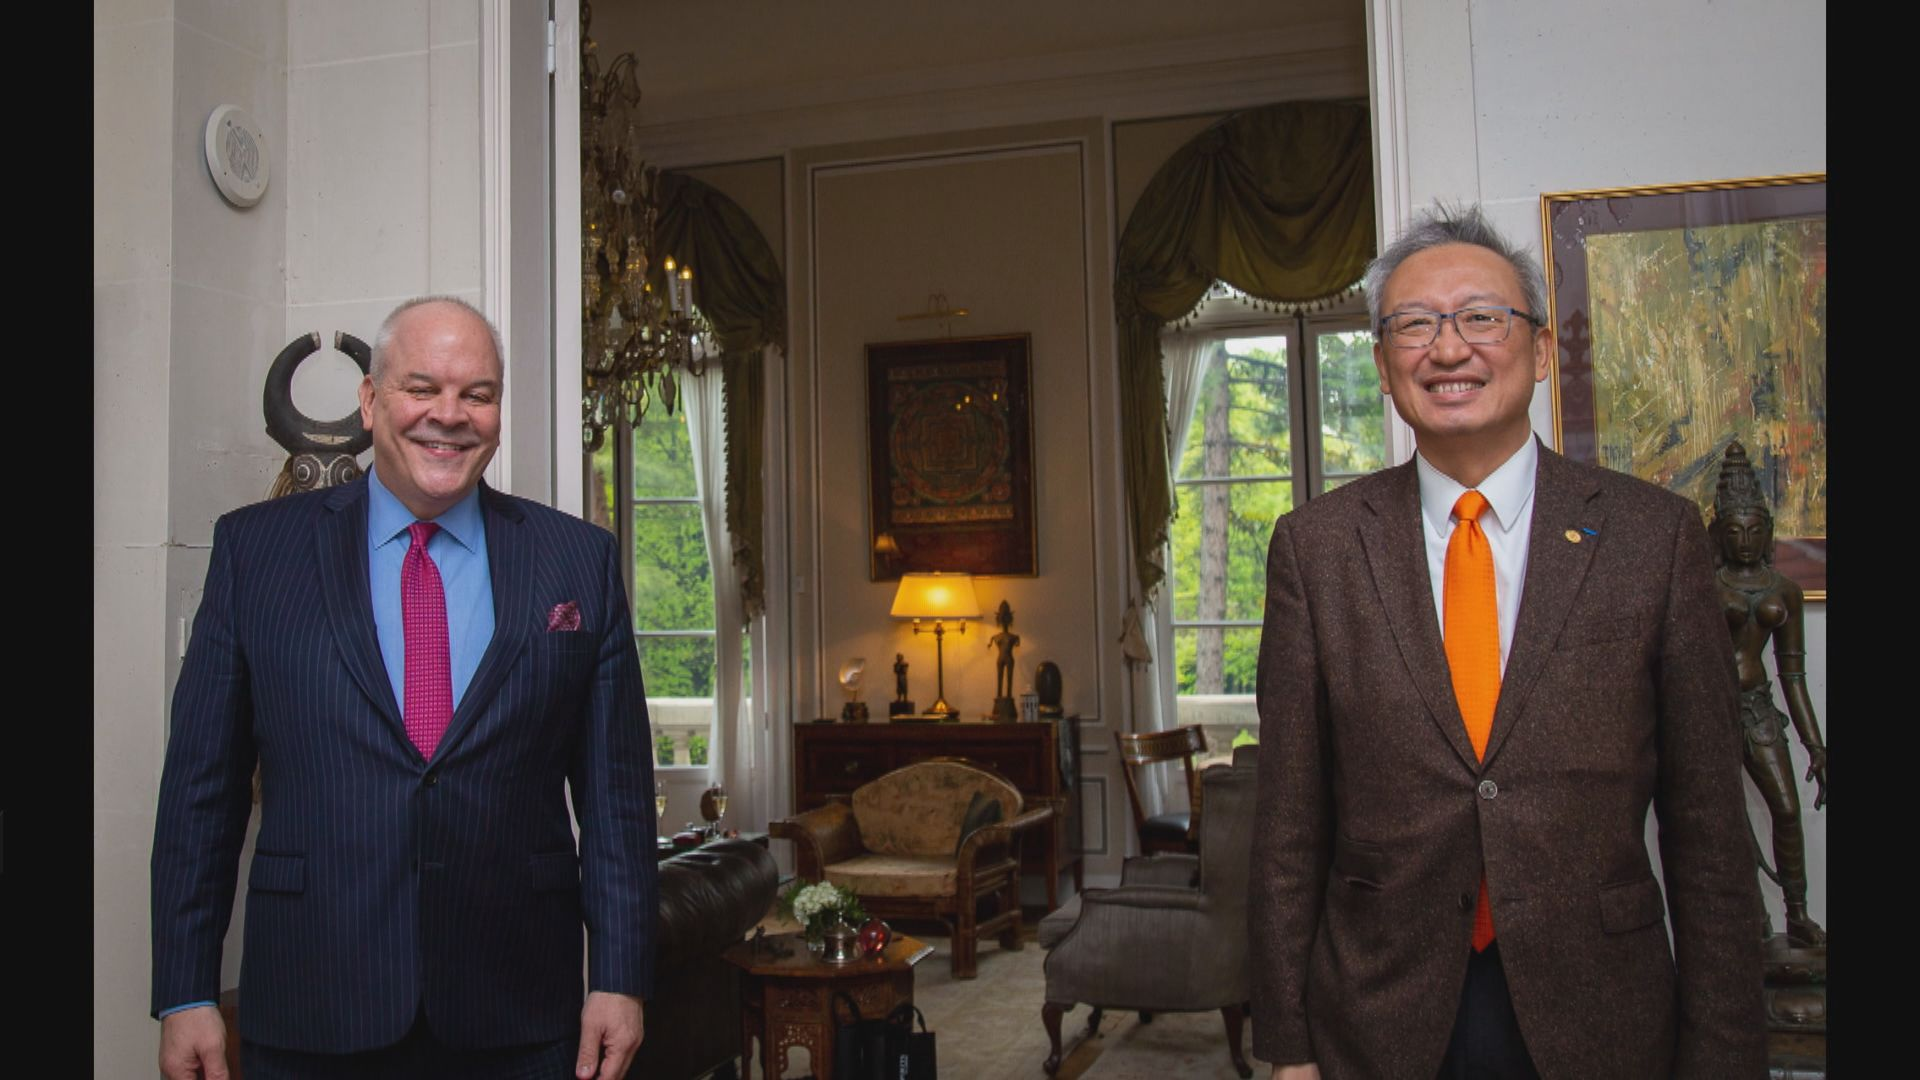 台灣駐法國代表應邀到訪美國駐法國大使館